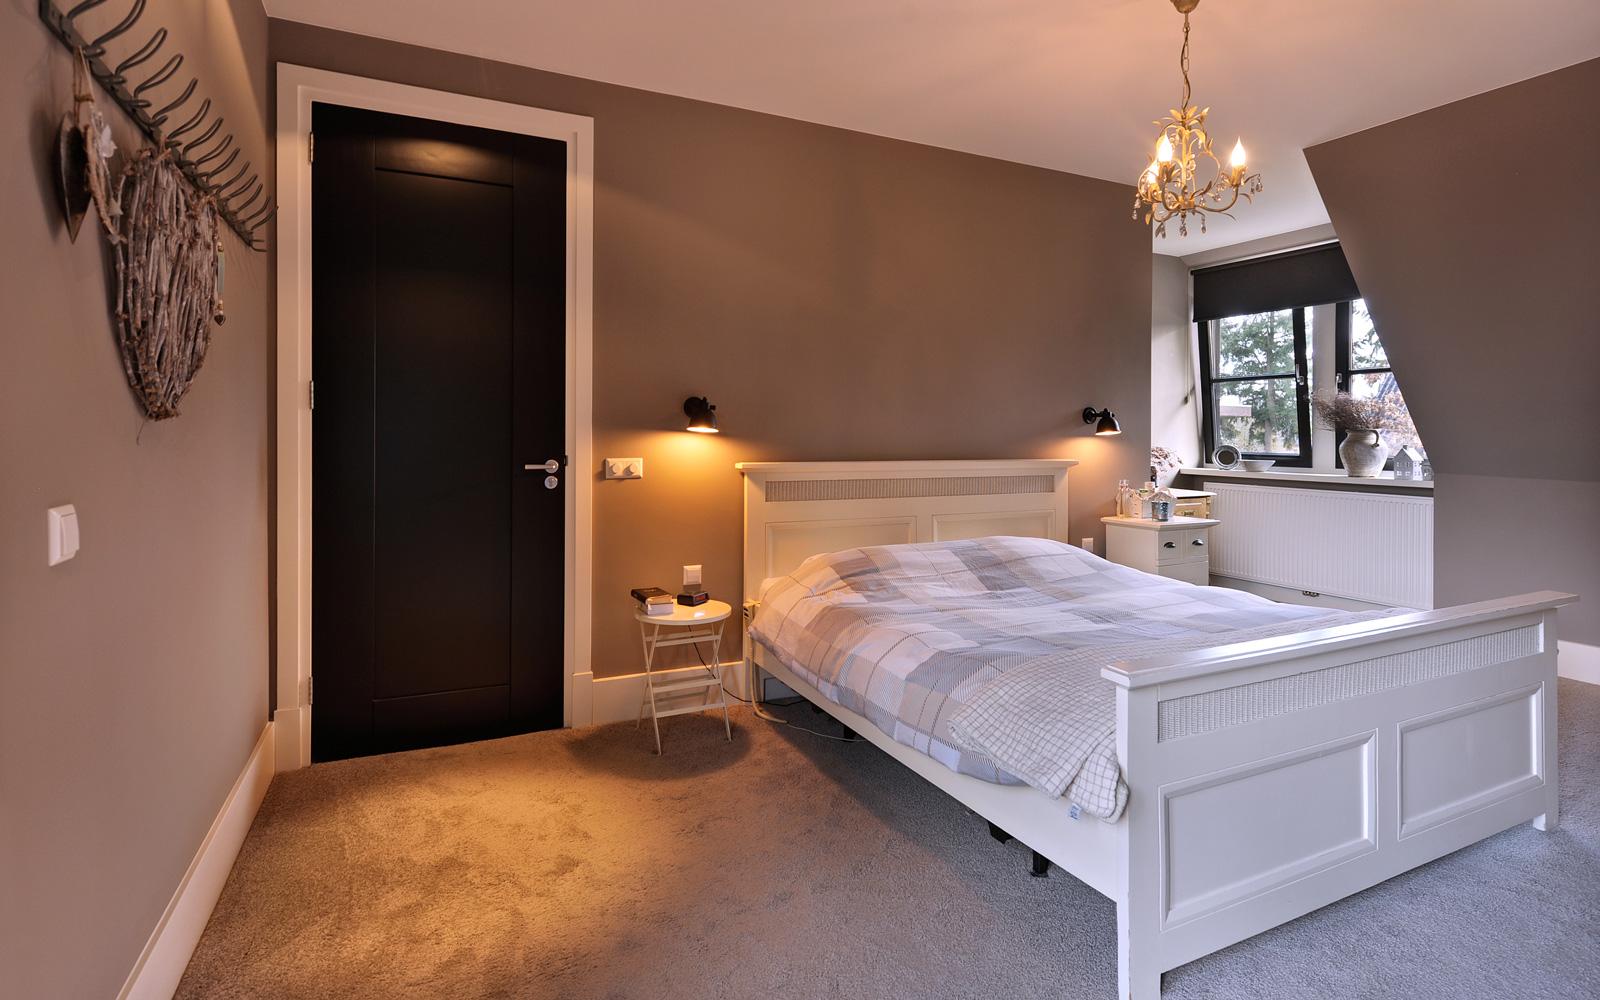 De slaapkamer aangekleed met kunst en designverlichting.